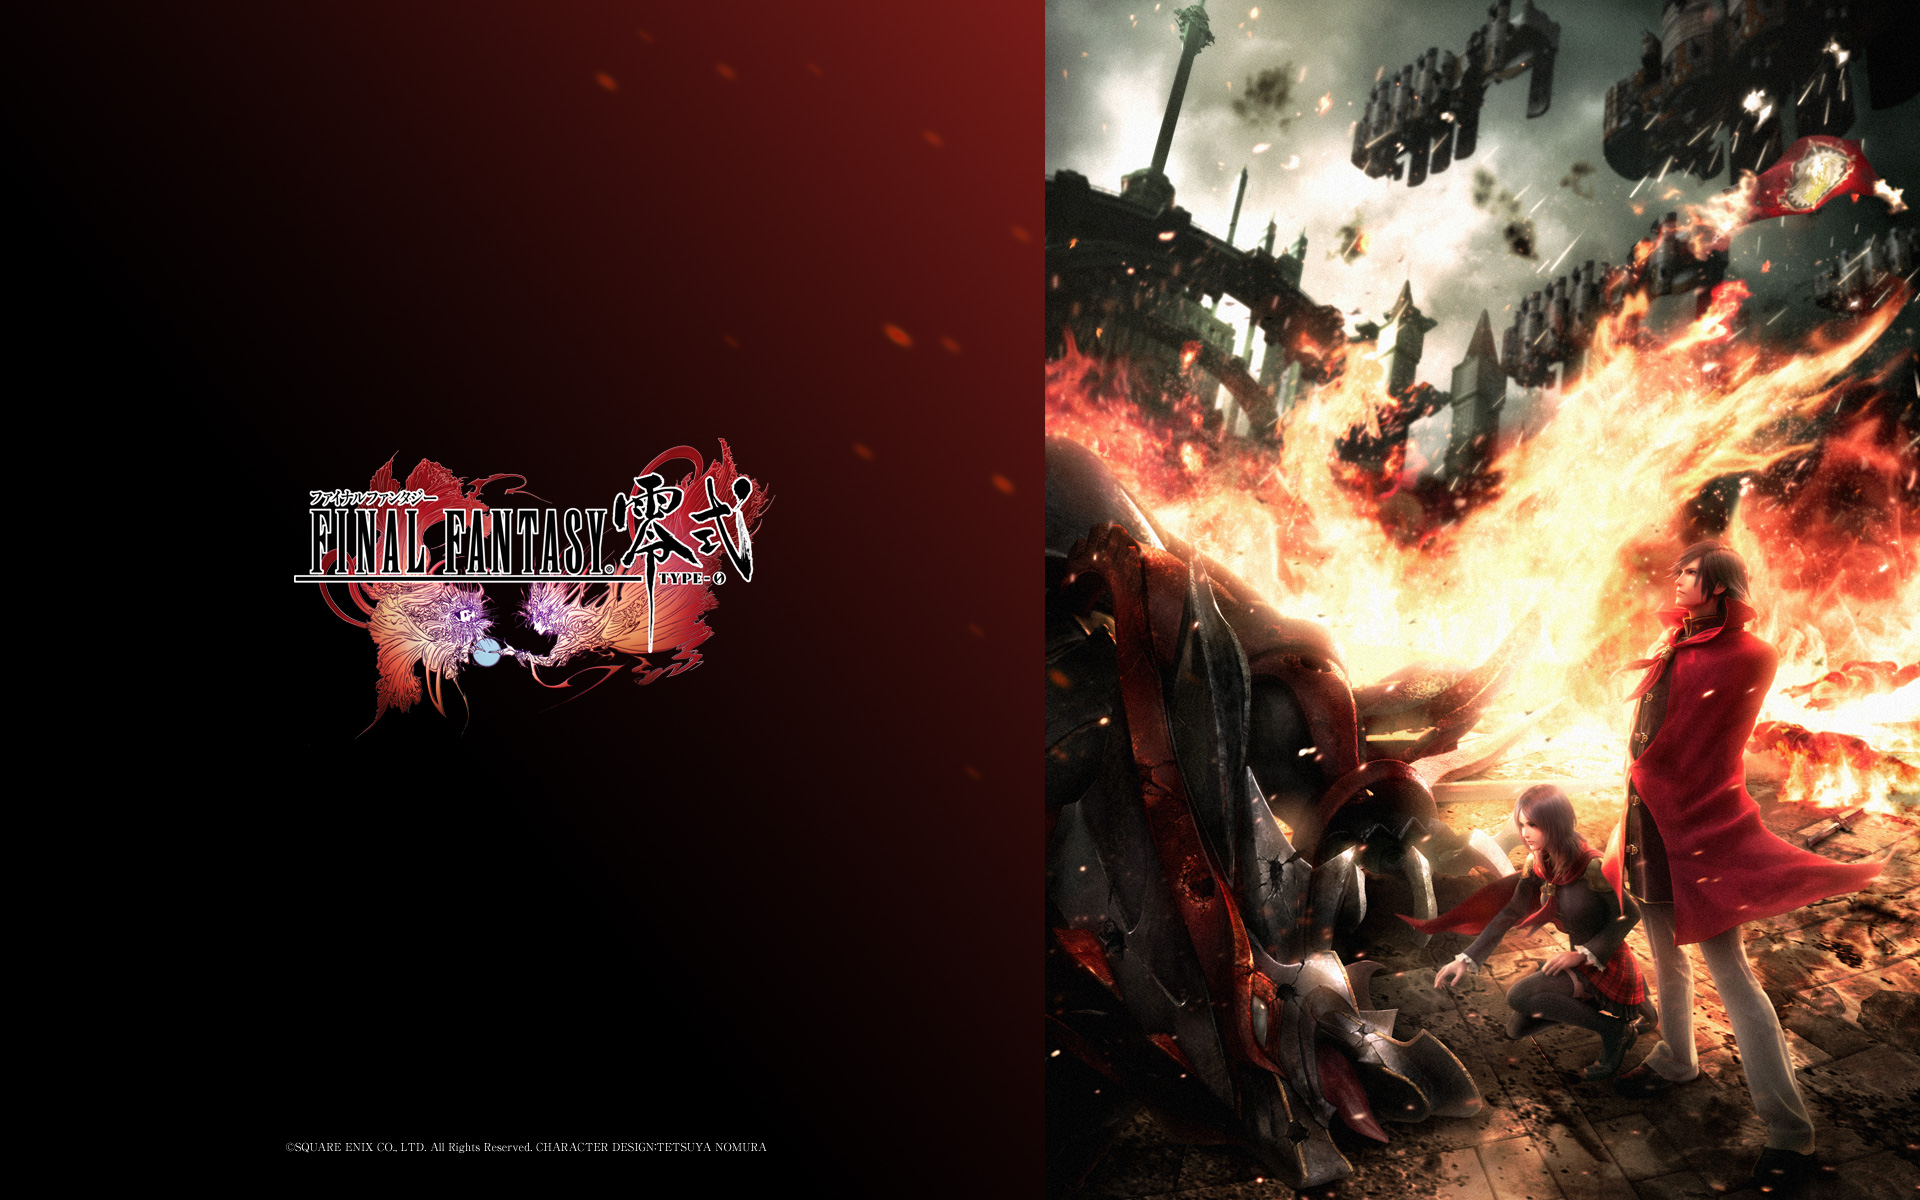 Square Enix Presenta La Página Oficial De Final Fantasy Type 0